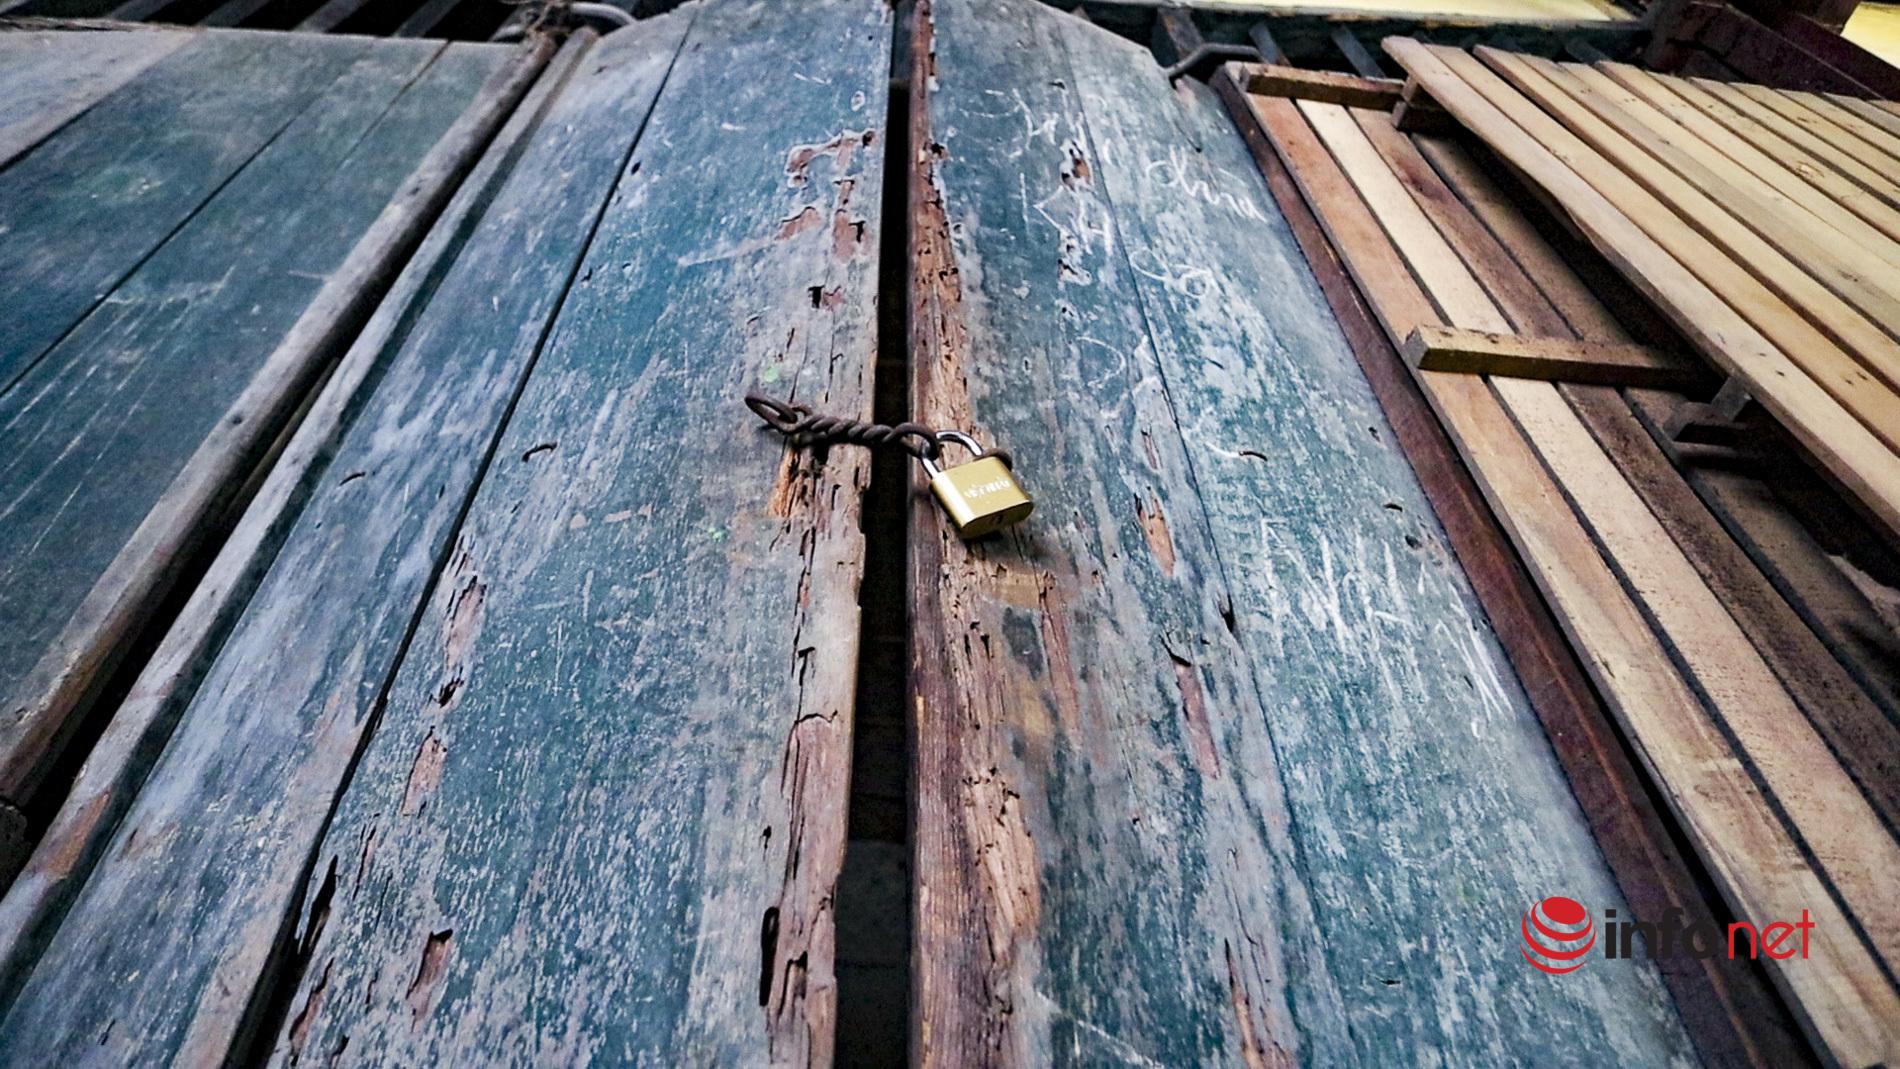 Khu tập thể 2 tầng gỗ mục nát, nhếch nhác giữa trung tâm TP Hà Nội, nhiều nhà khóa trái bỏ hoang